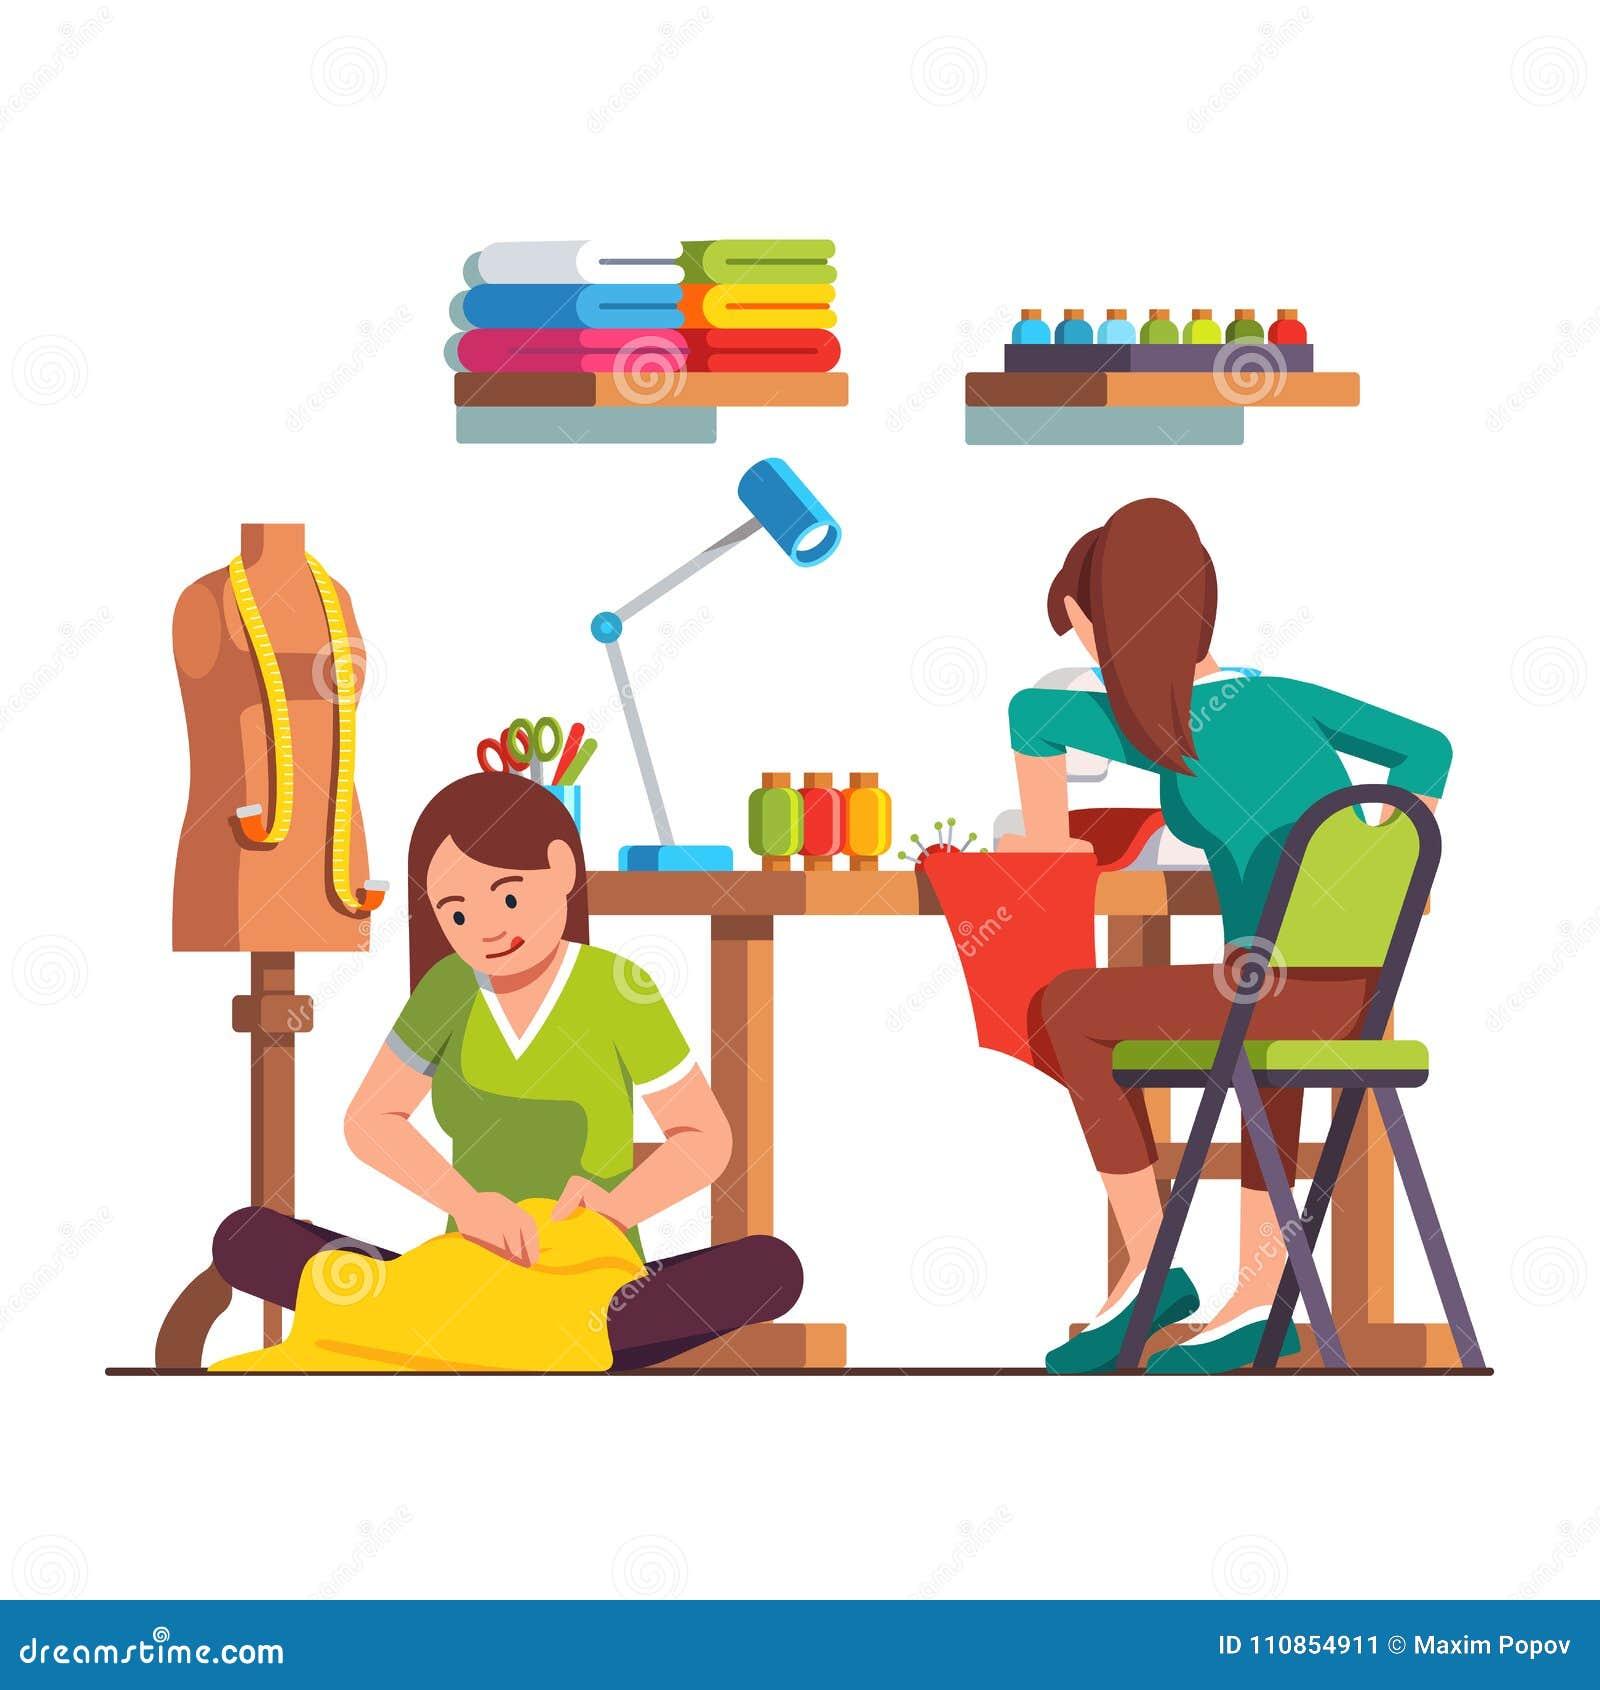 Woman dressmaker stitching, seamstress working